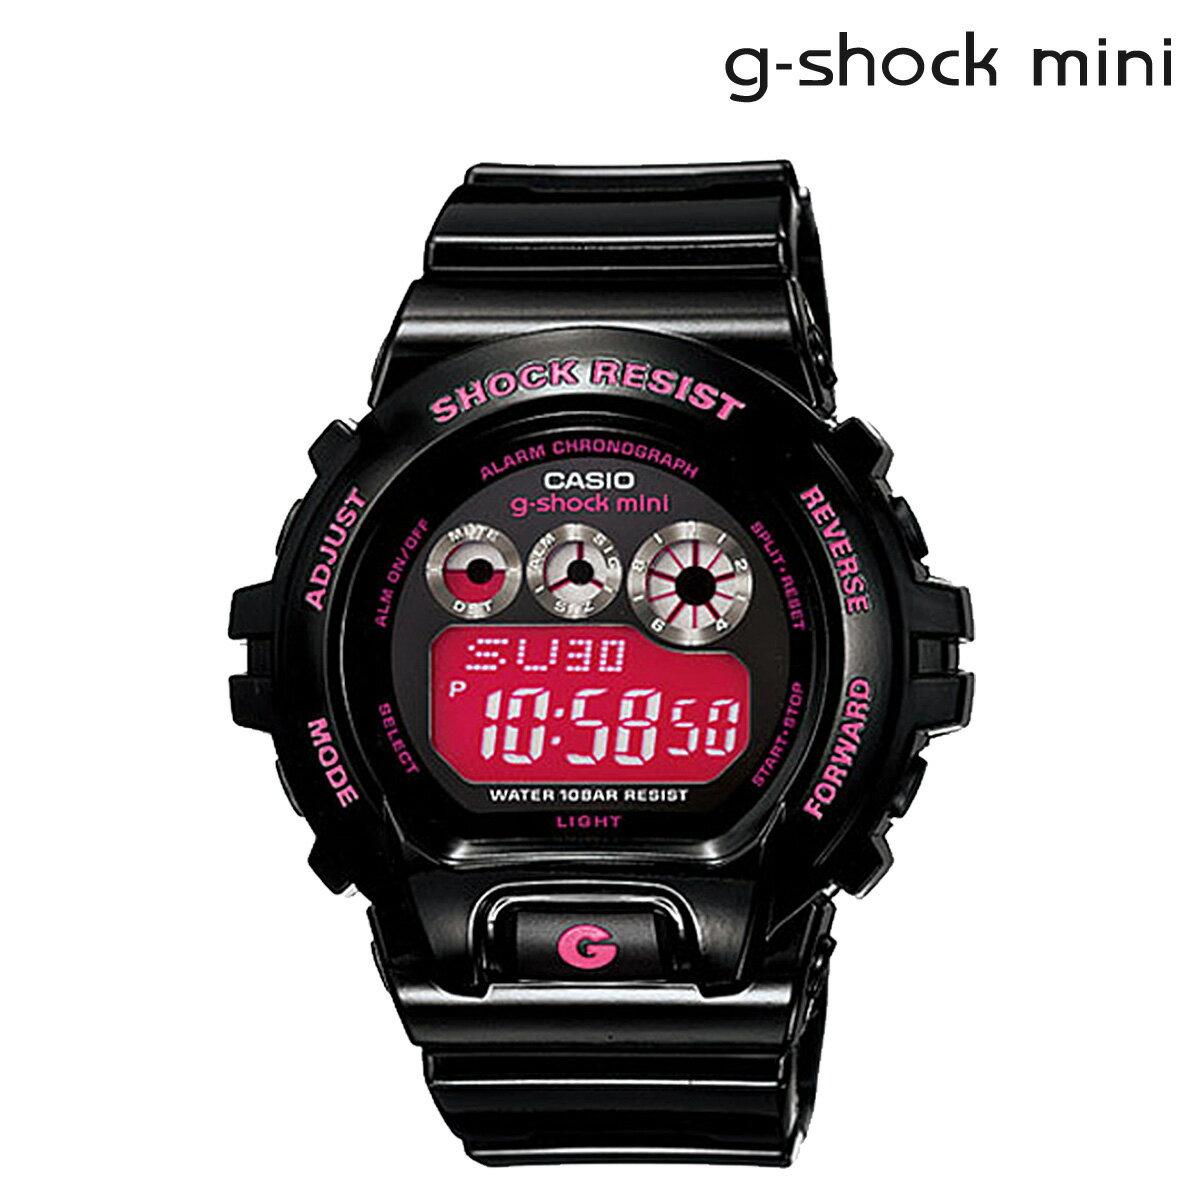 カシオ CASIO g-shock mini 腕時計 GMN-692-1JR ジーショック ミニ Gショック G-ショック レディース [4/19 再入荷]